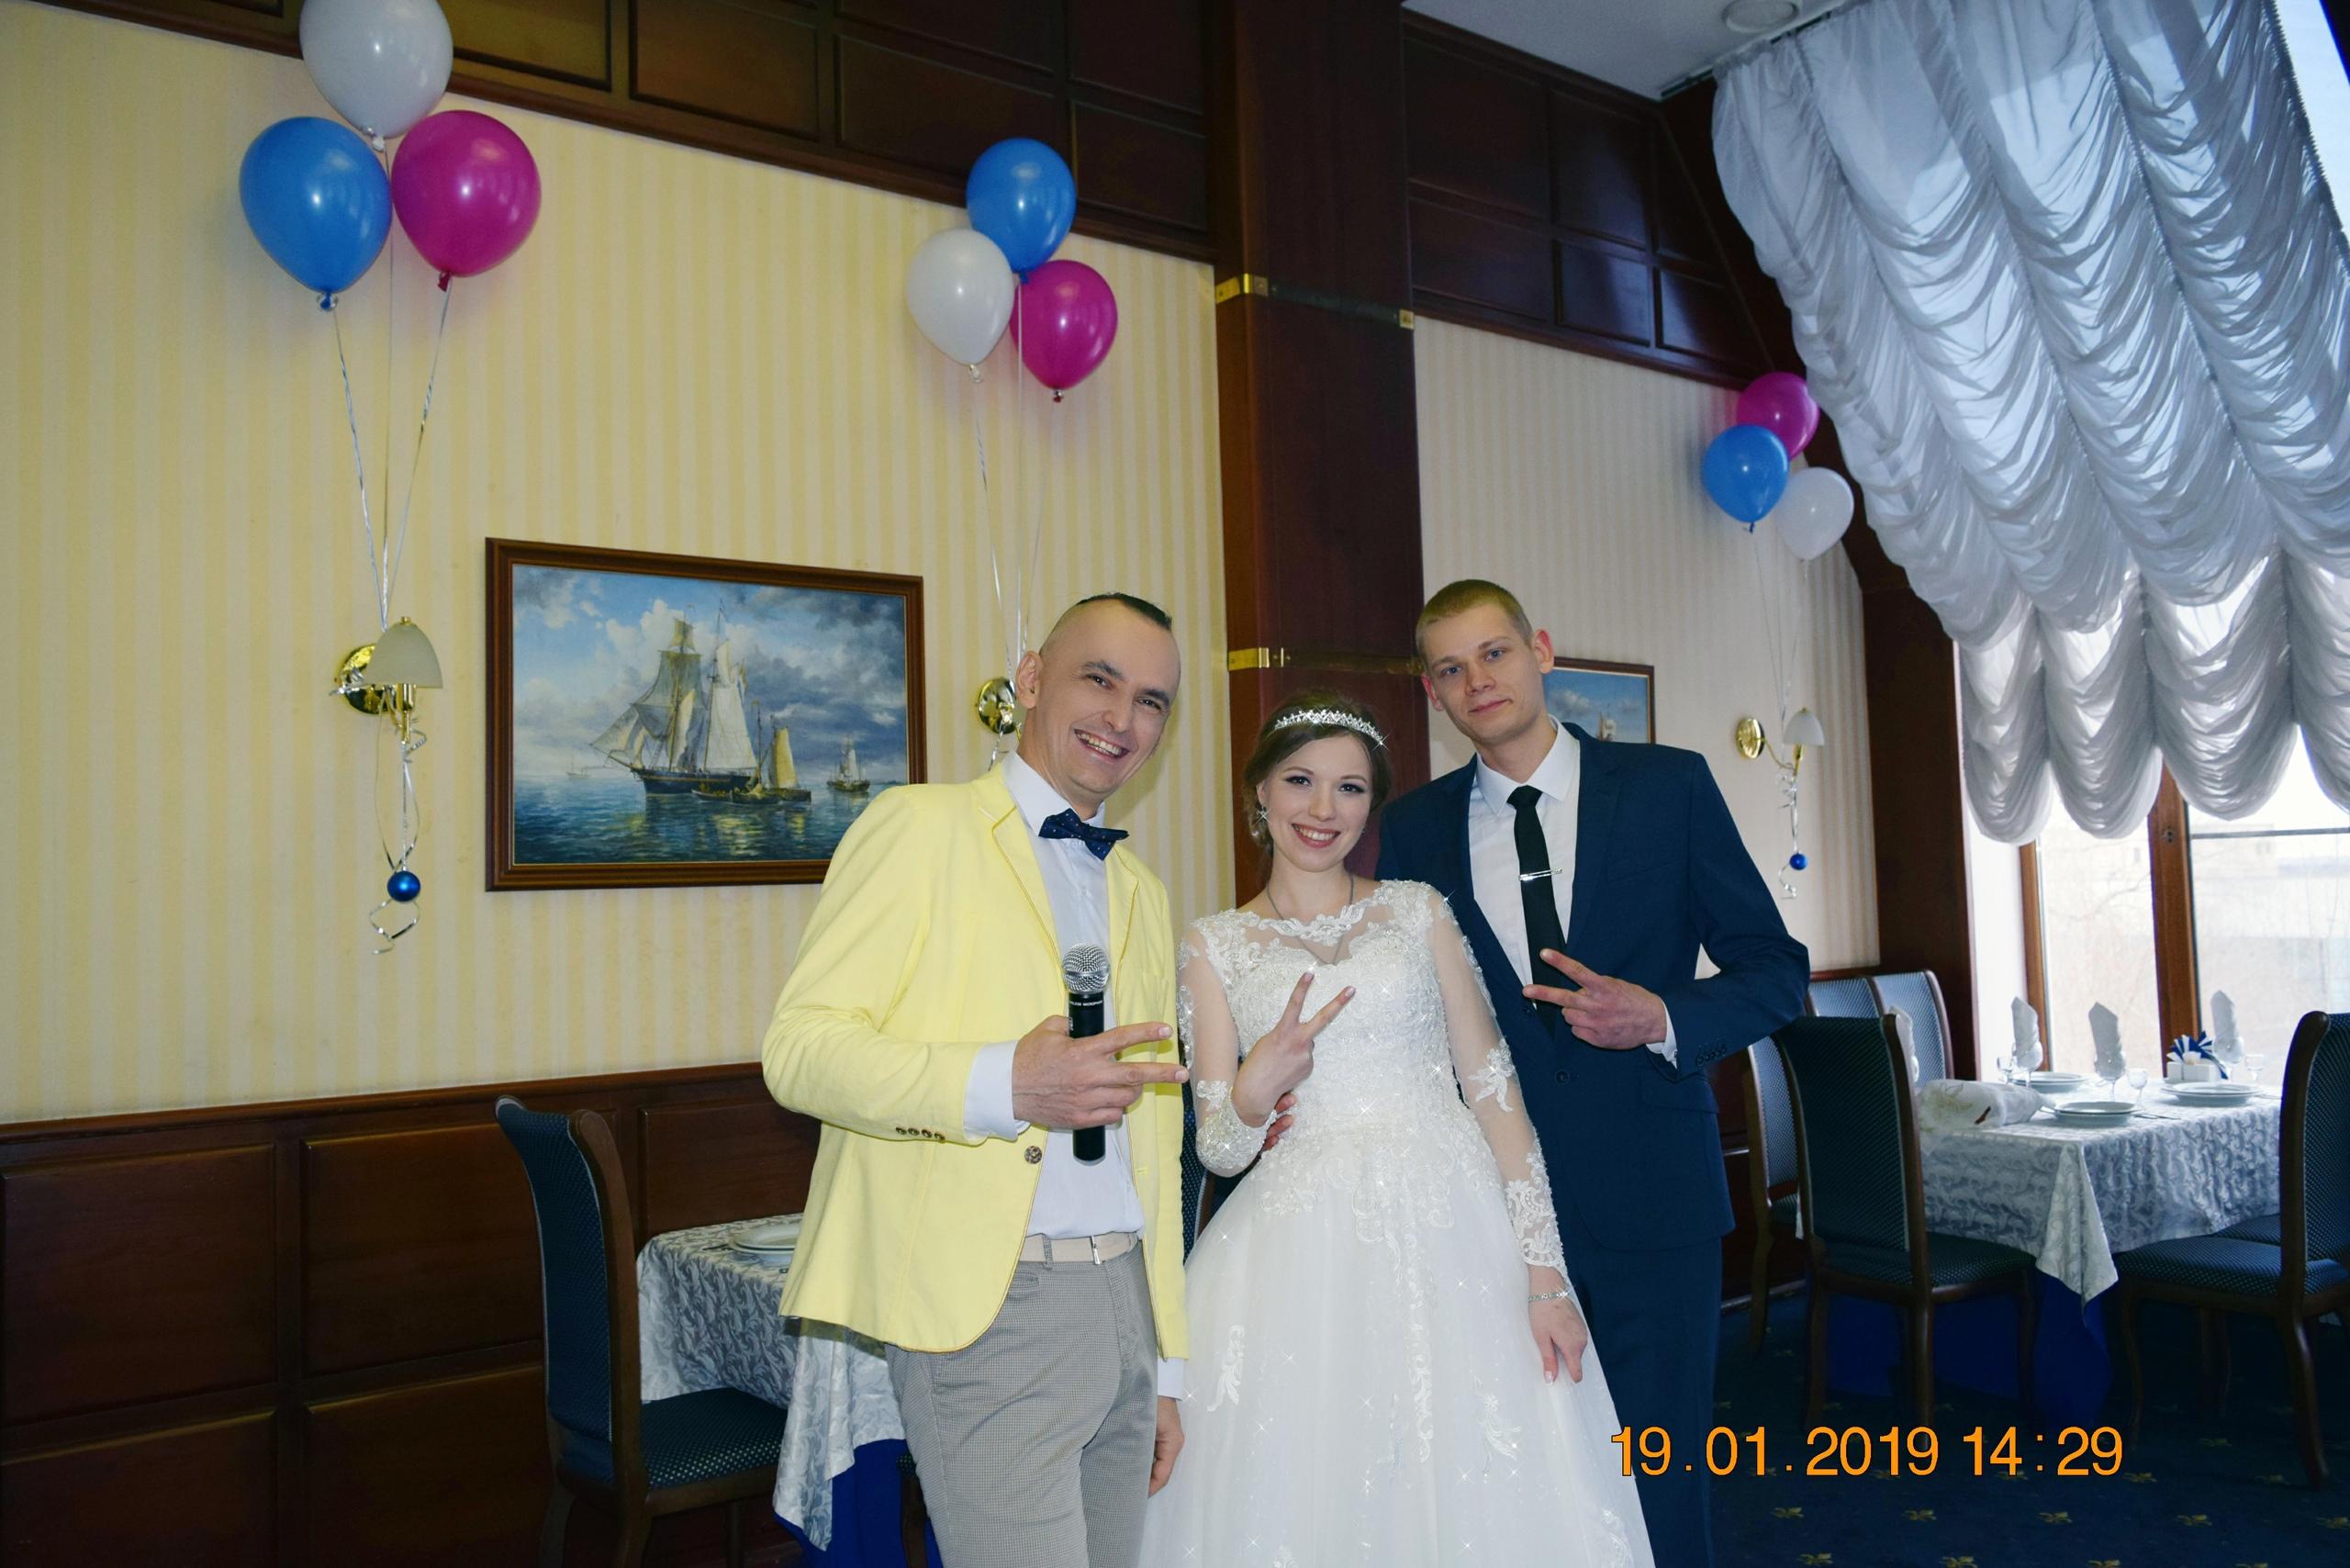 1gFnMrSRVOE - Свадьба Павла и Татьяны